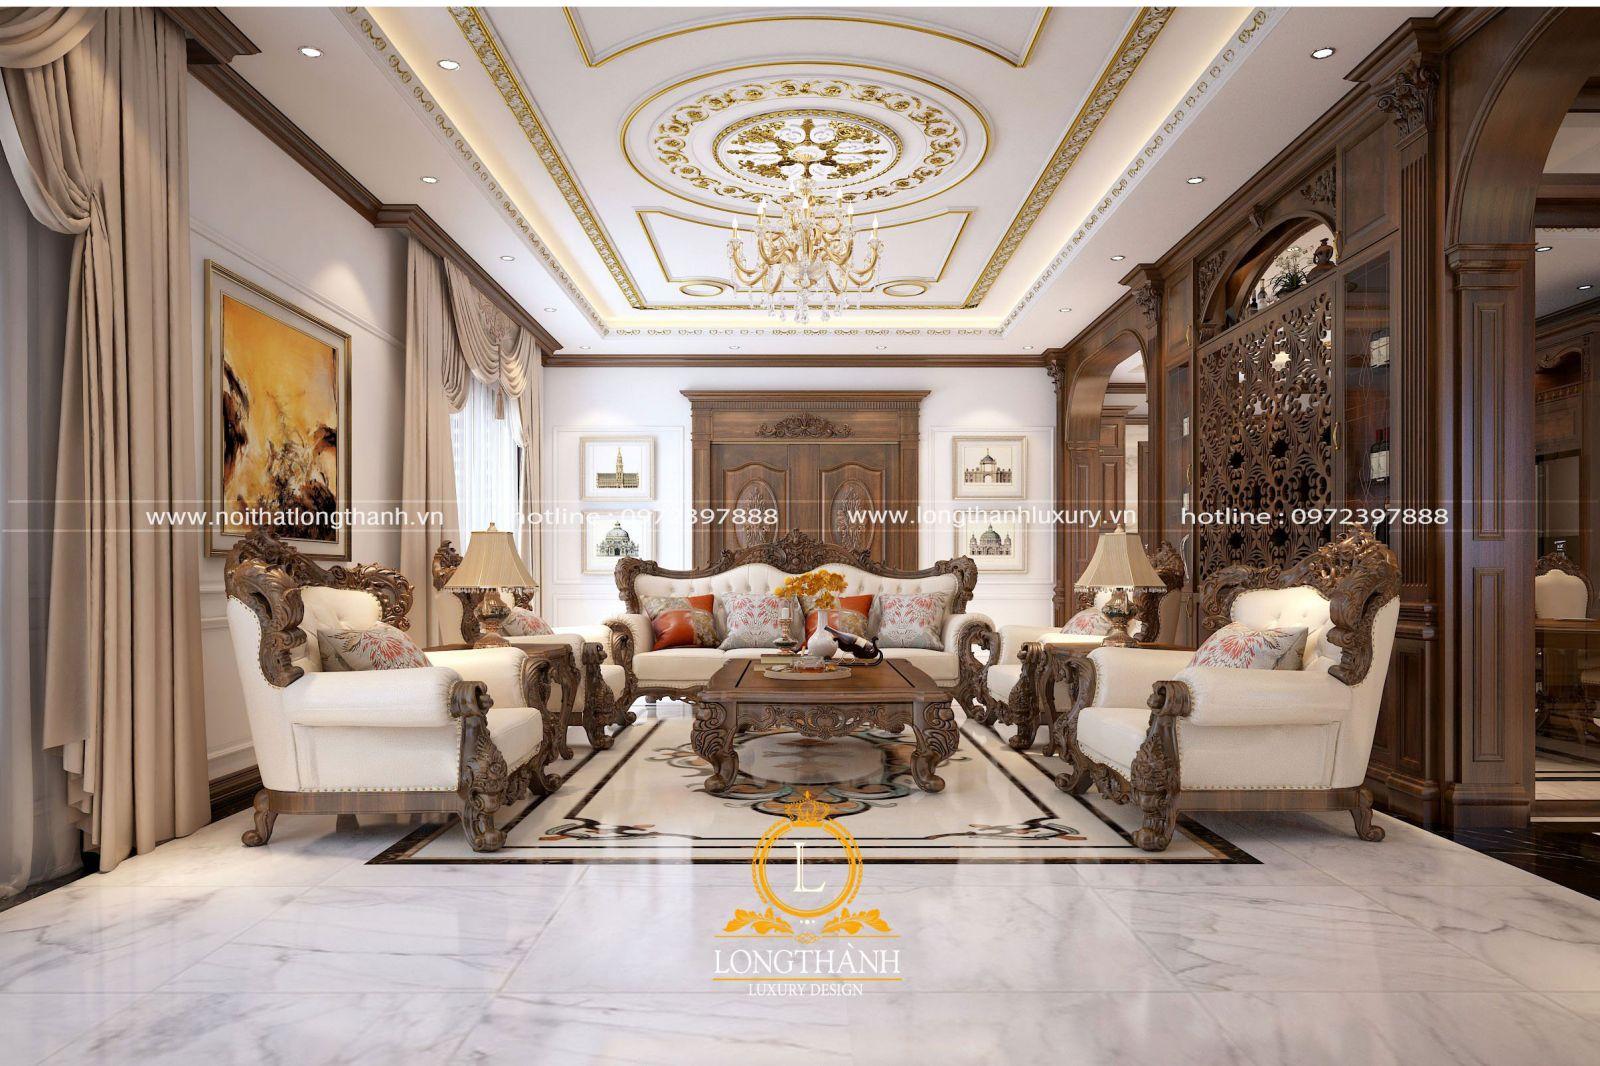 Sử dụng nội thất mang ý nghĩa Phong thủy phù hợp với từng gia chủ